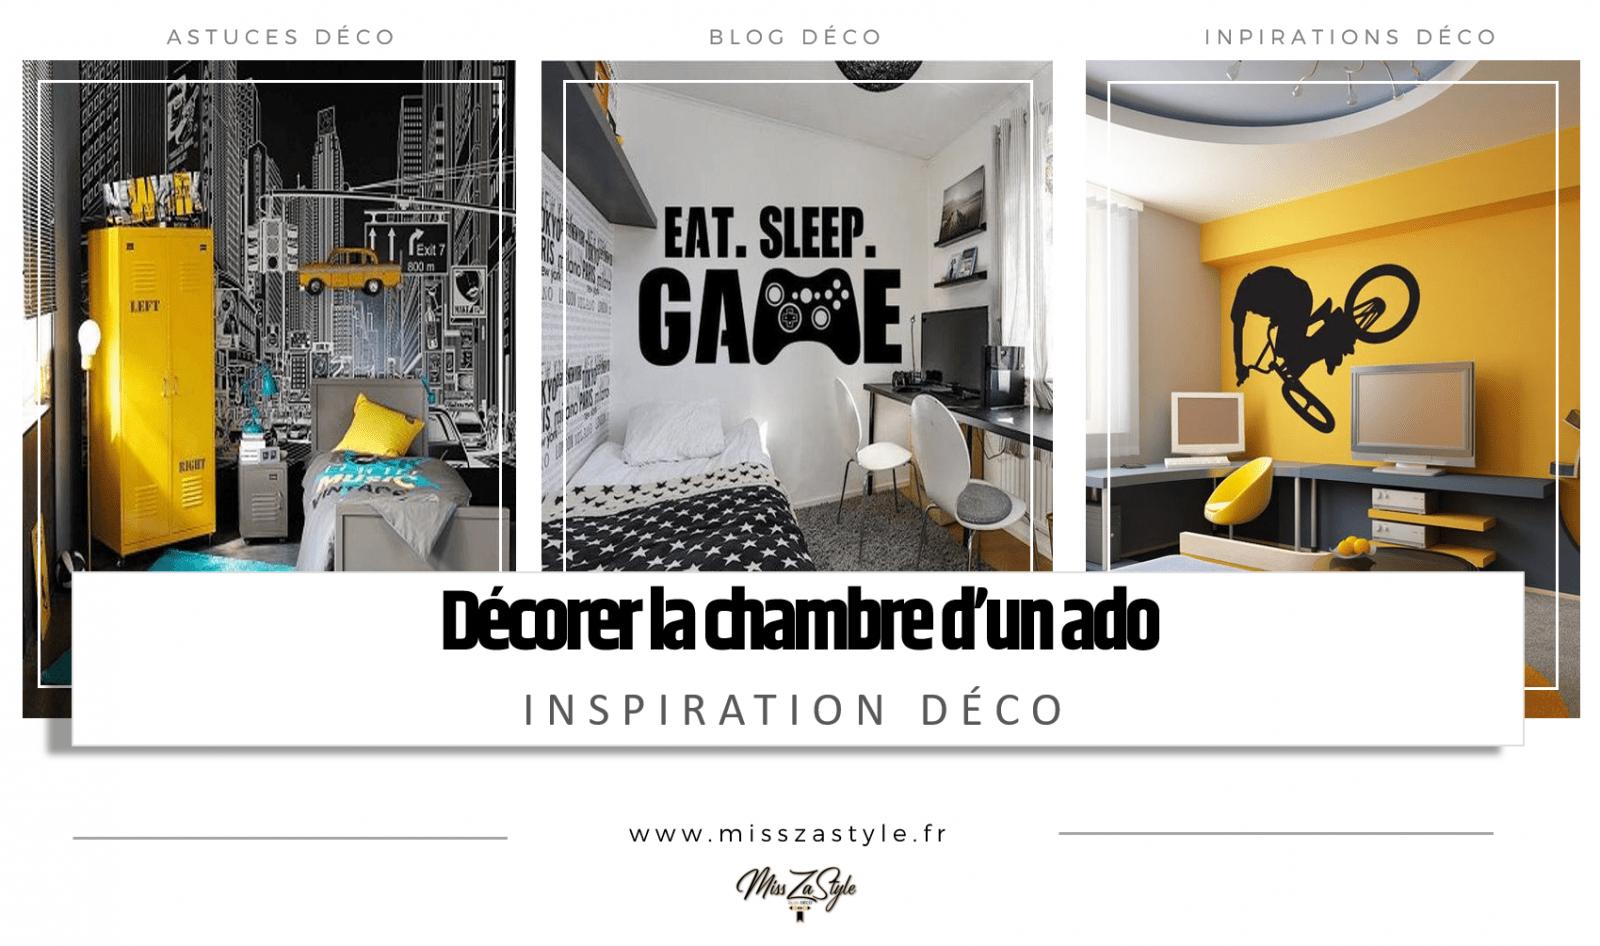 Modele Chambre Fille Ado décorer la chambre d'un ado- misszastyle - blog déco